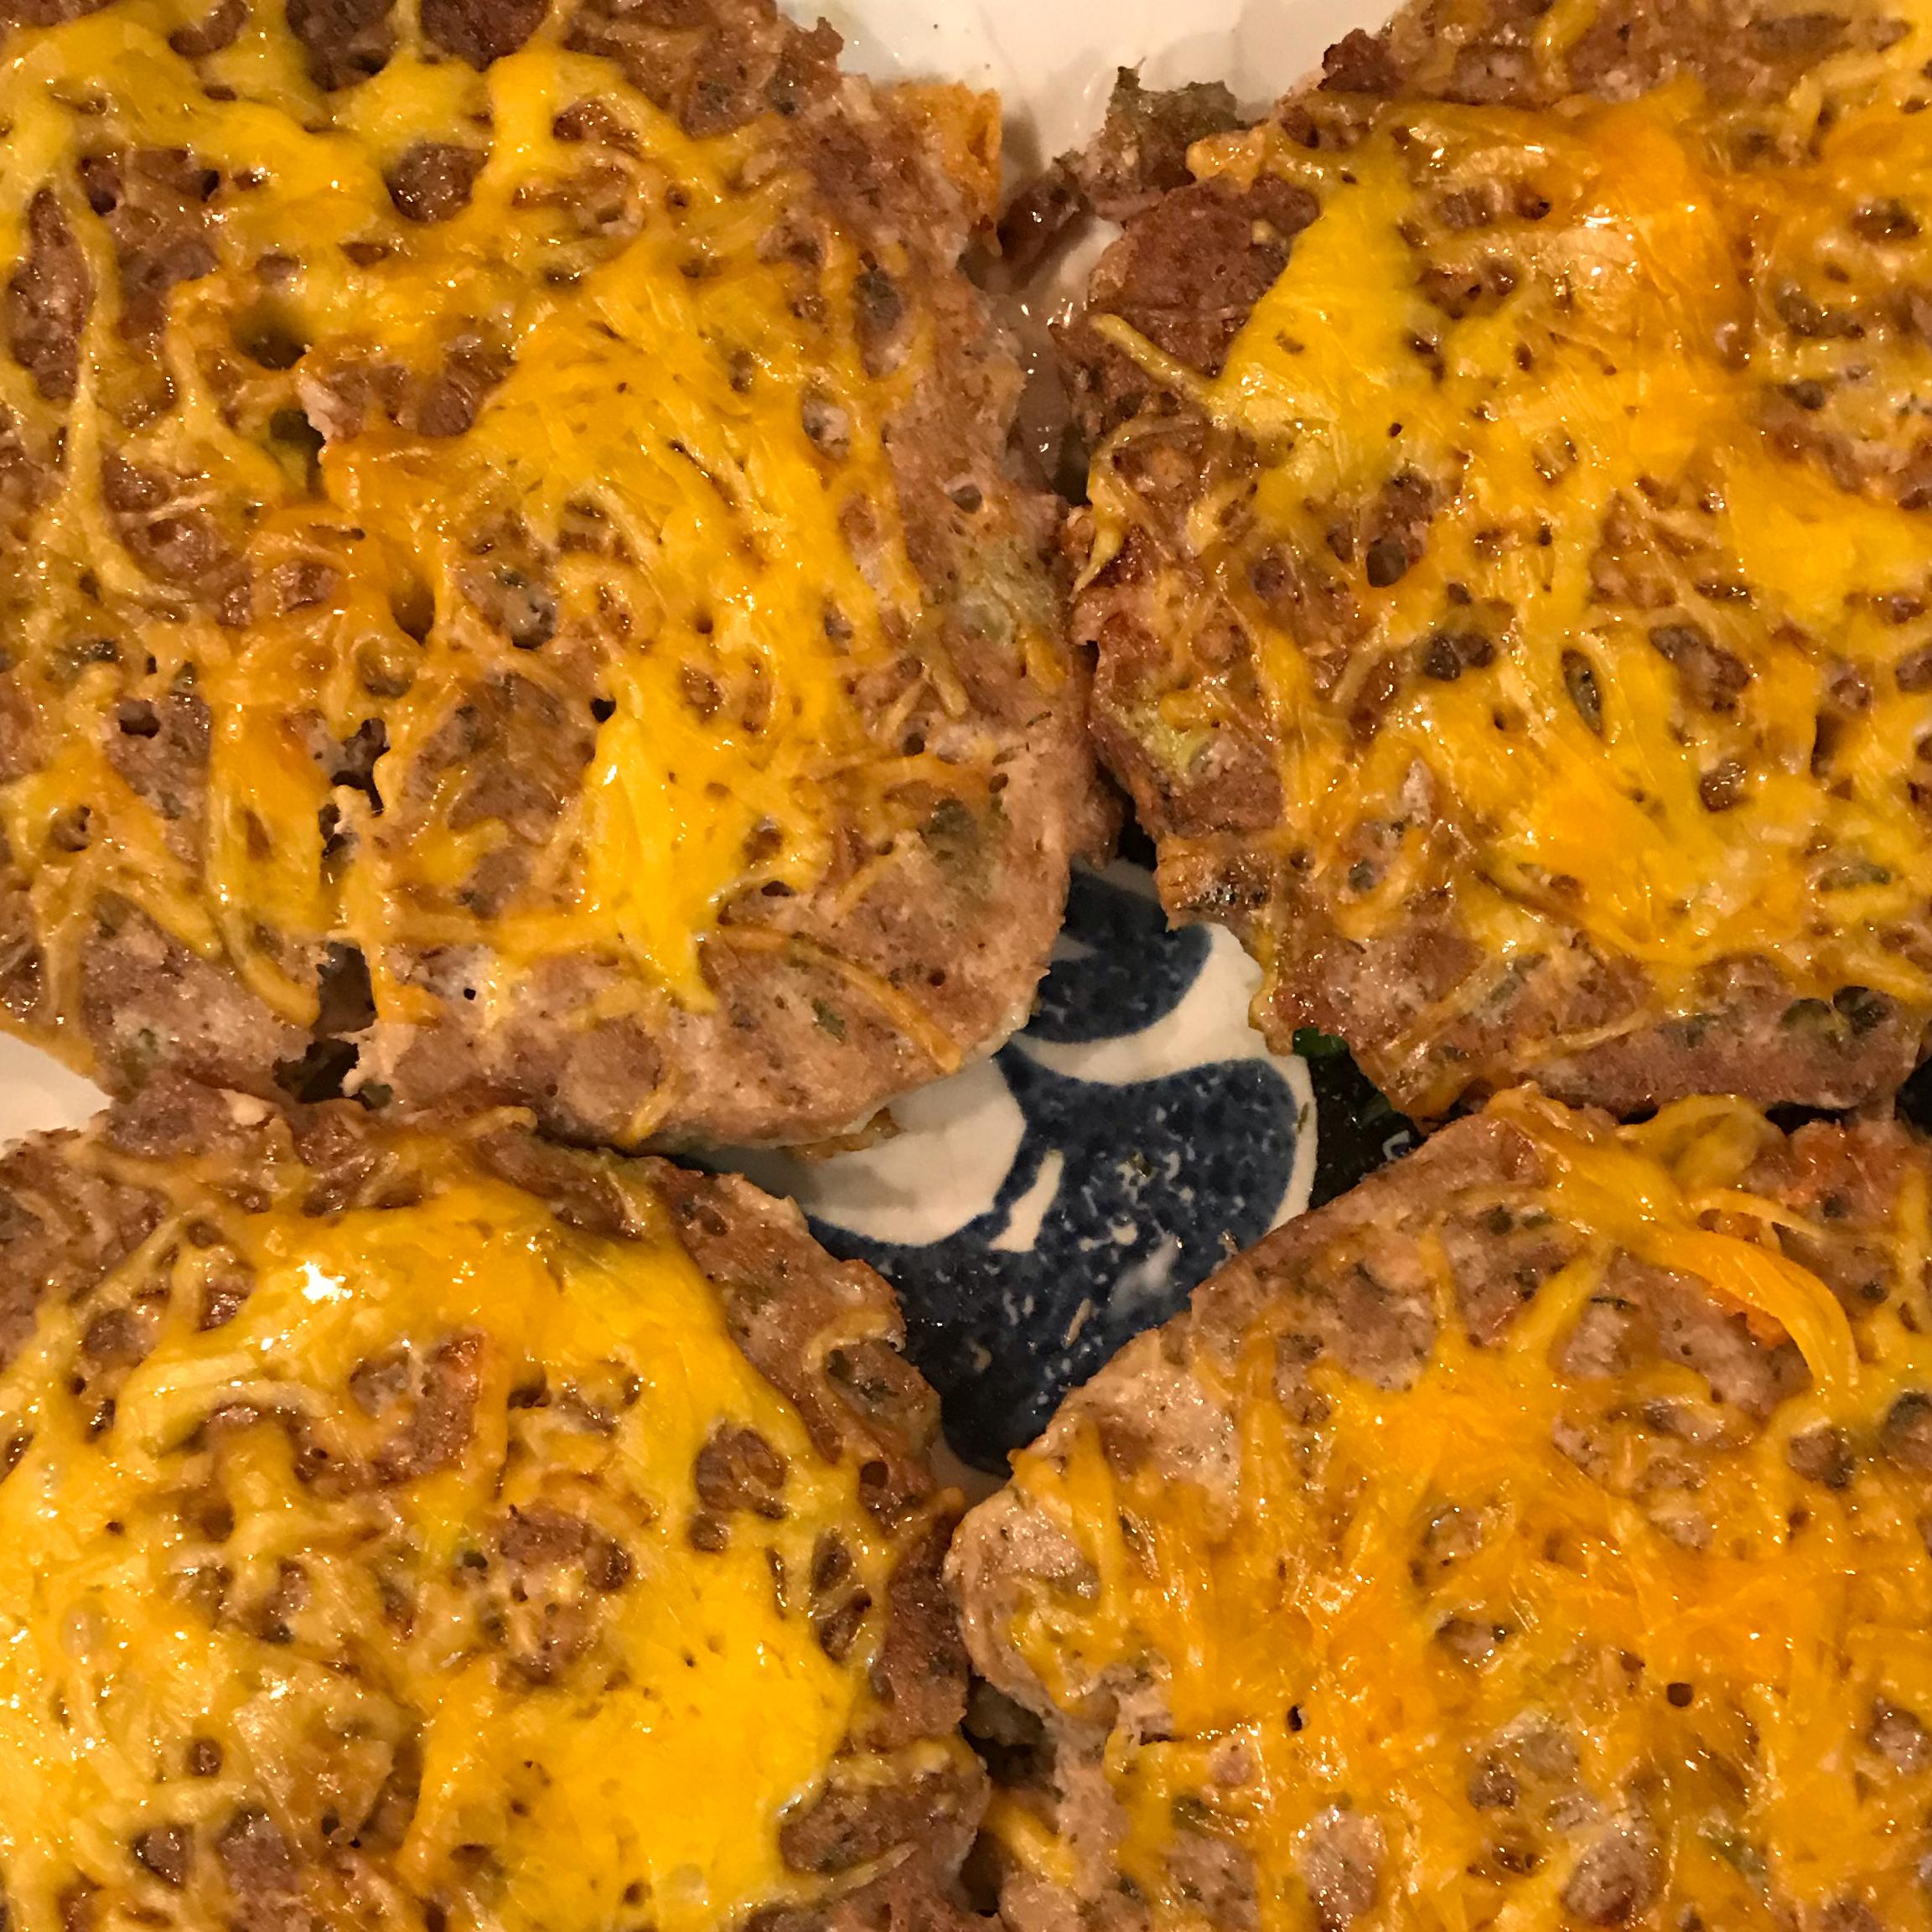 Pan Fried Tuna Patty